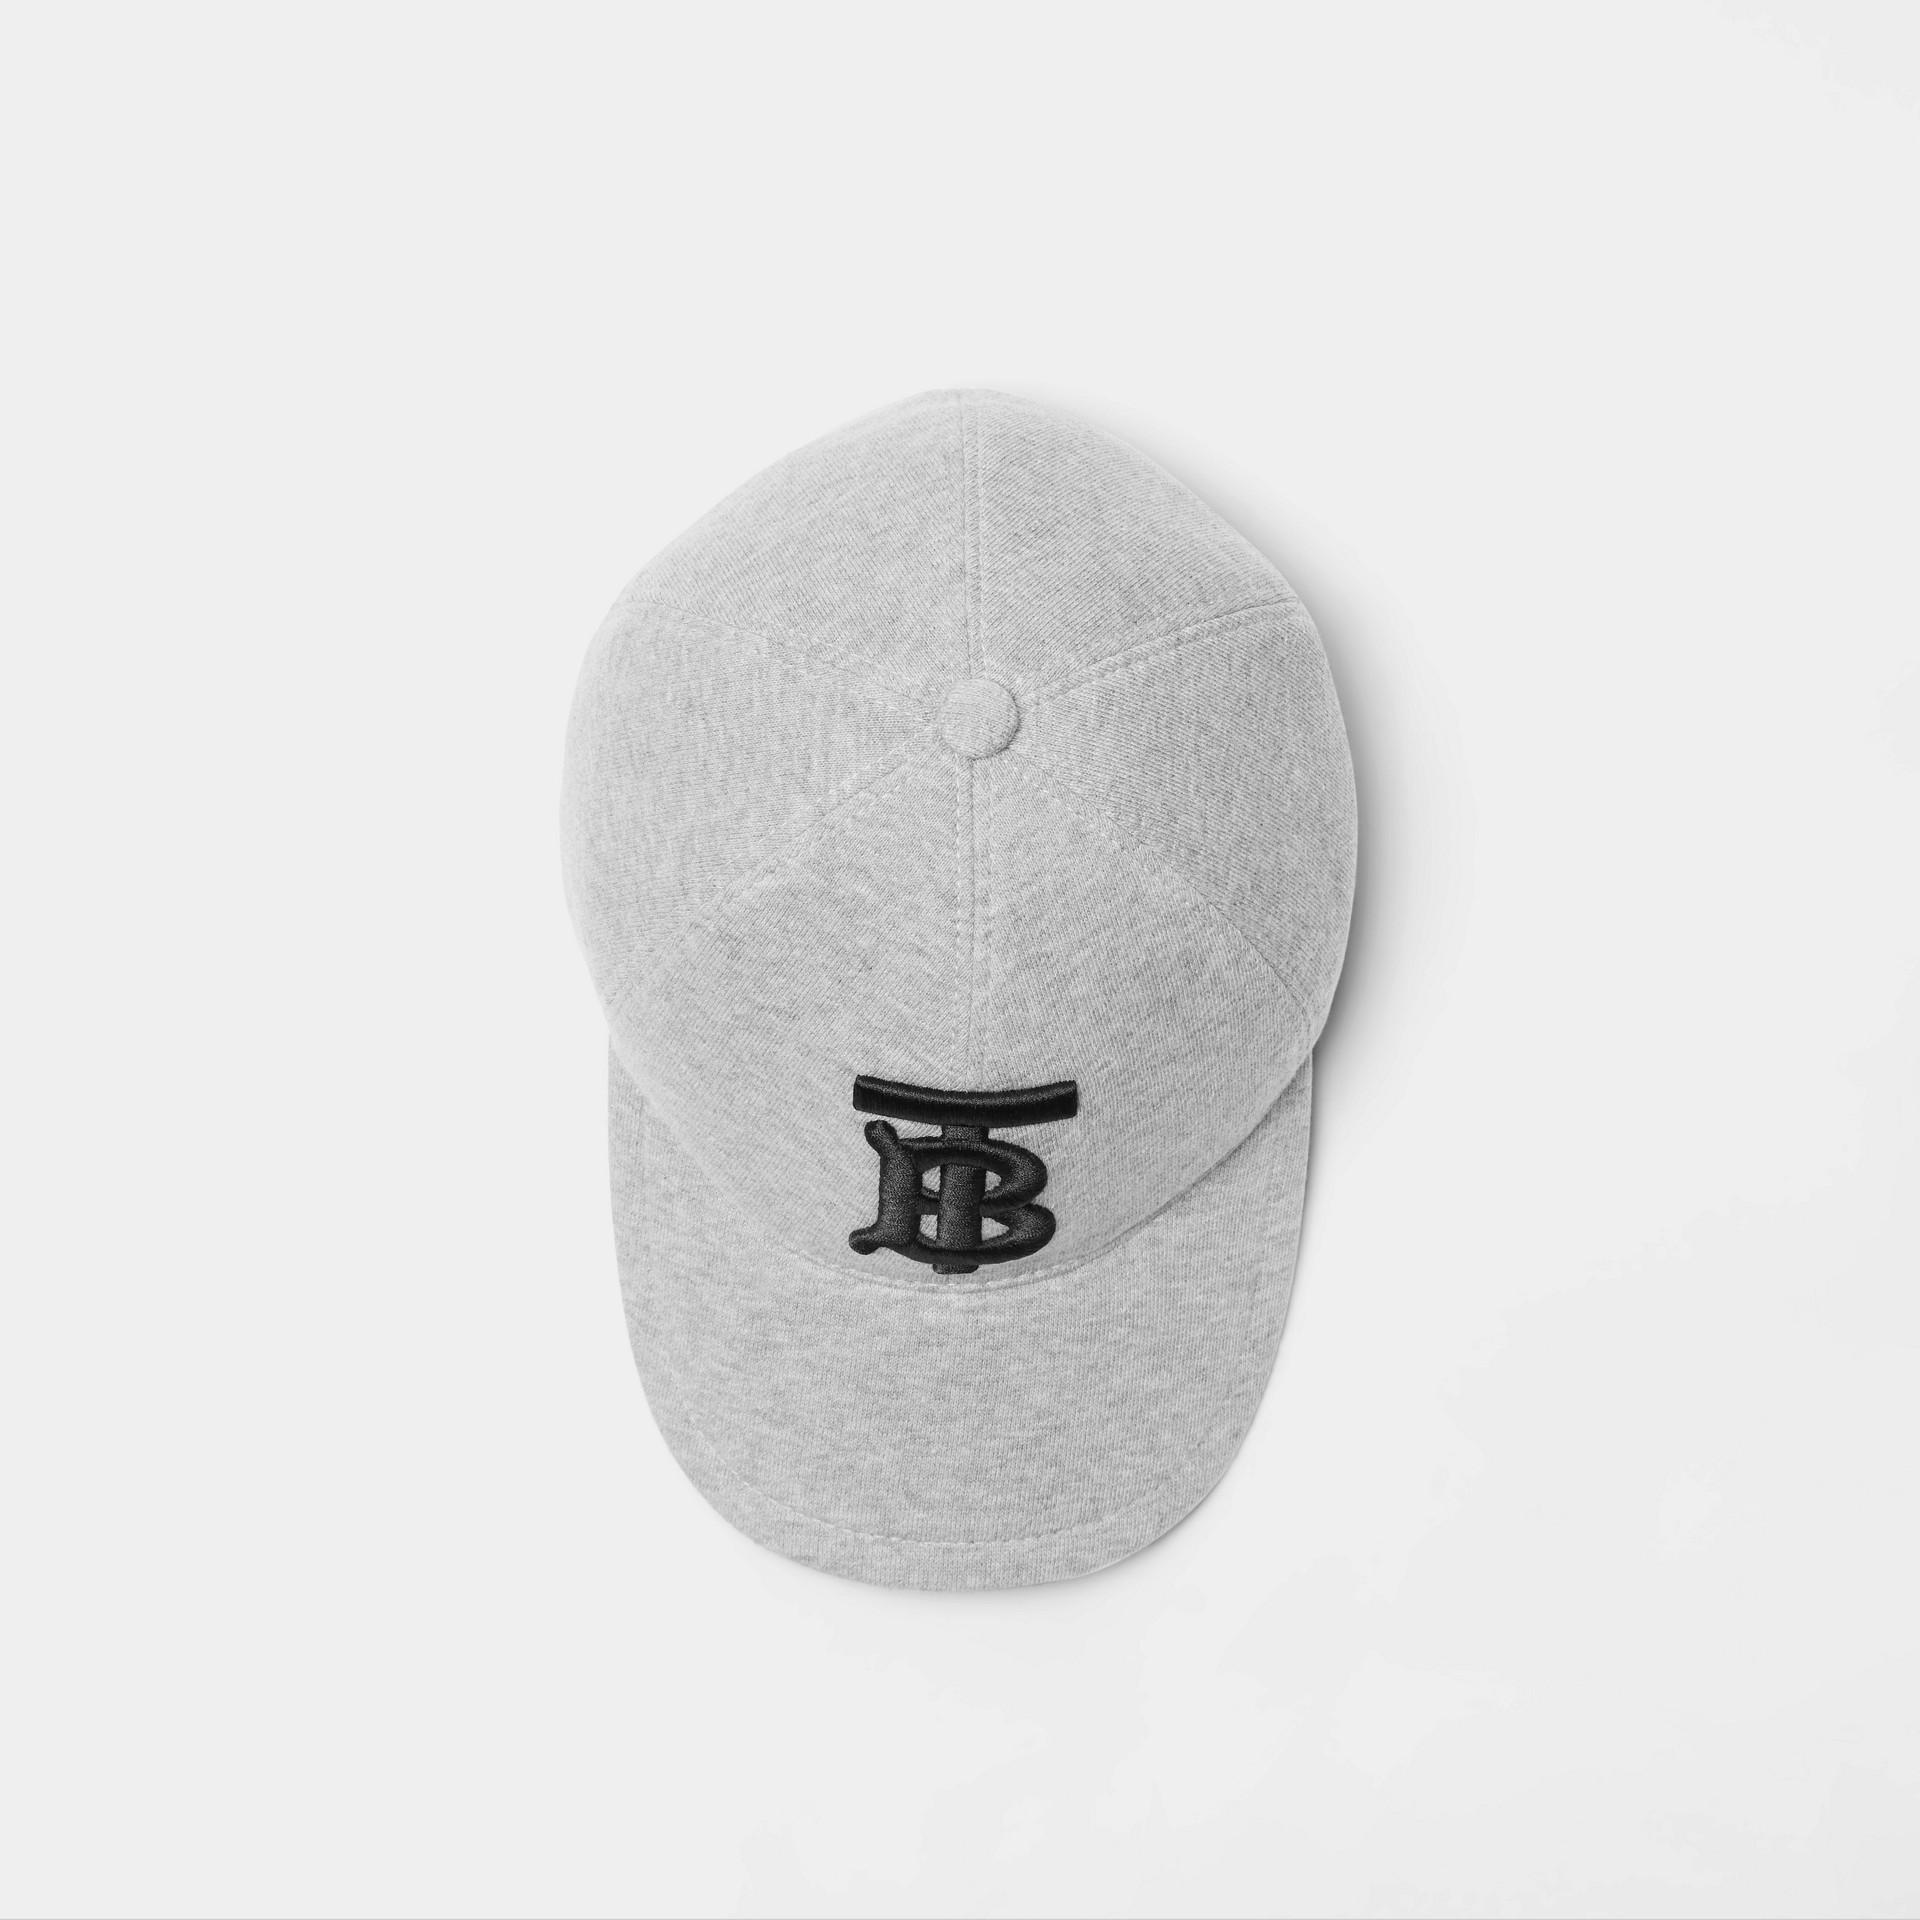 Бейсболка с монограммой Burberry (Светло-серый Меланж) | Burberry - изображение 0